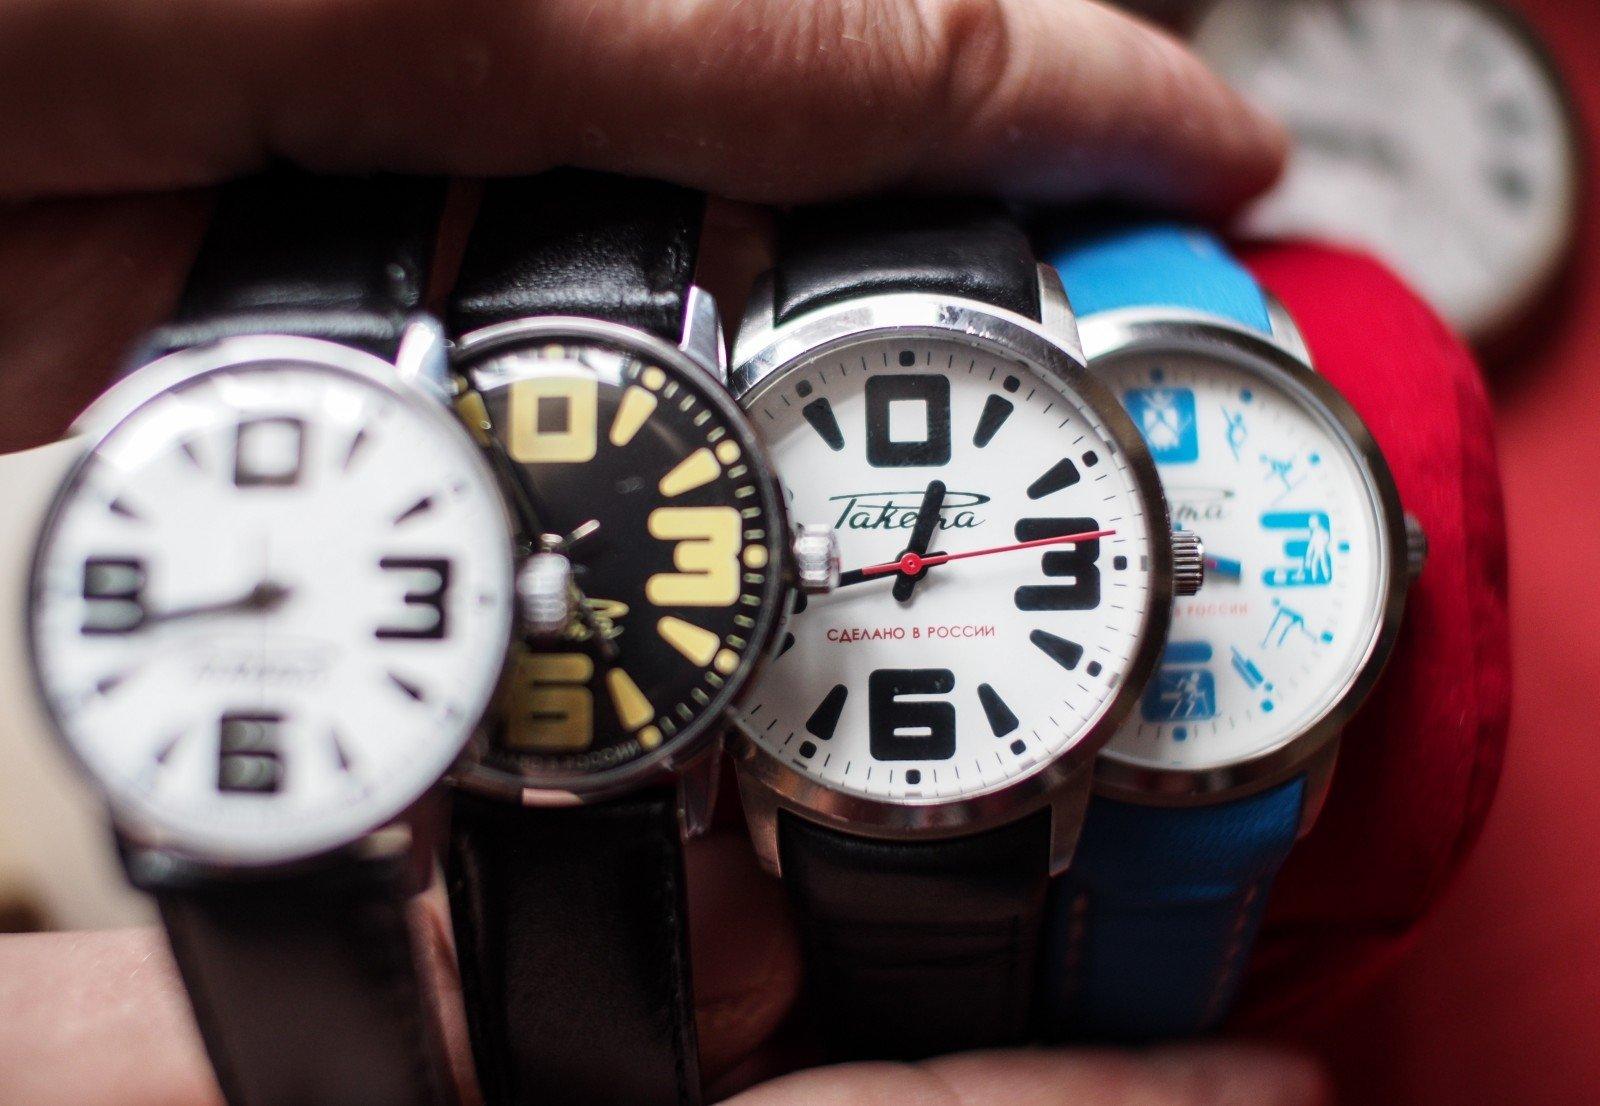 Padidinkite nario pratybu laikrodi Kaip padidinti seksualine sasaja be kremo